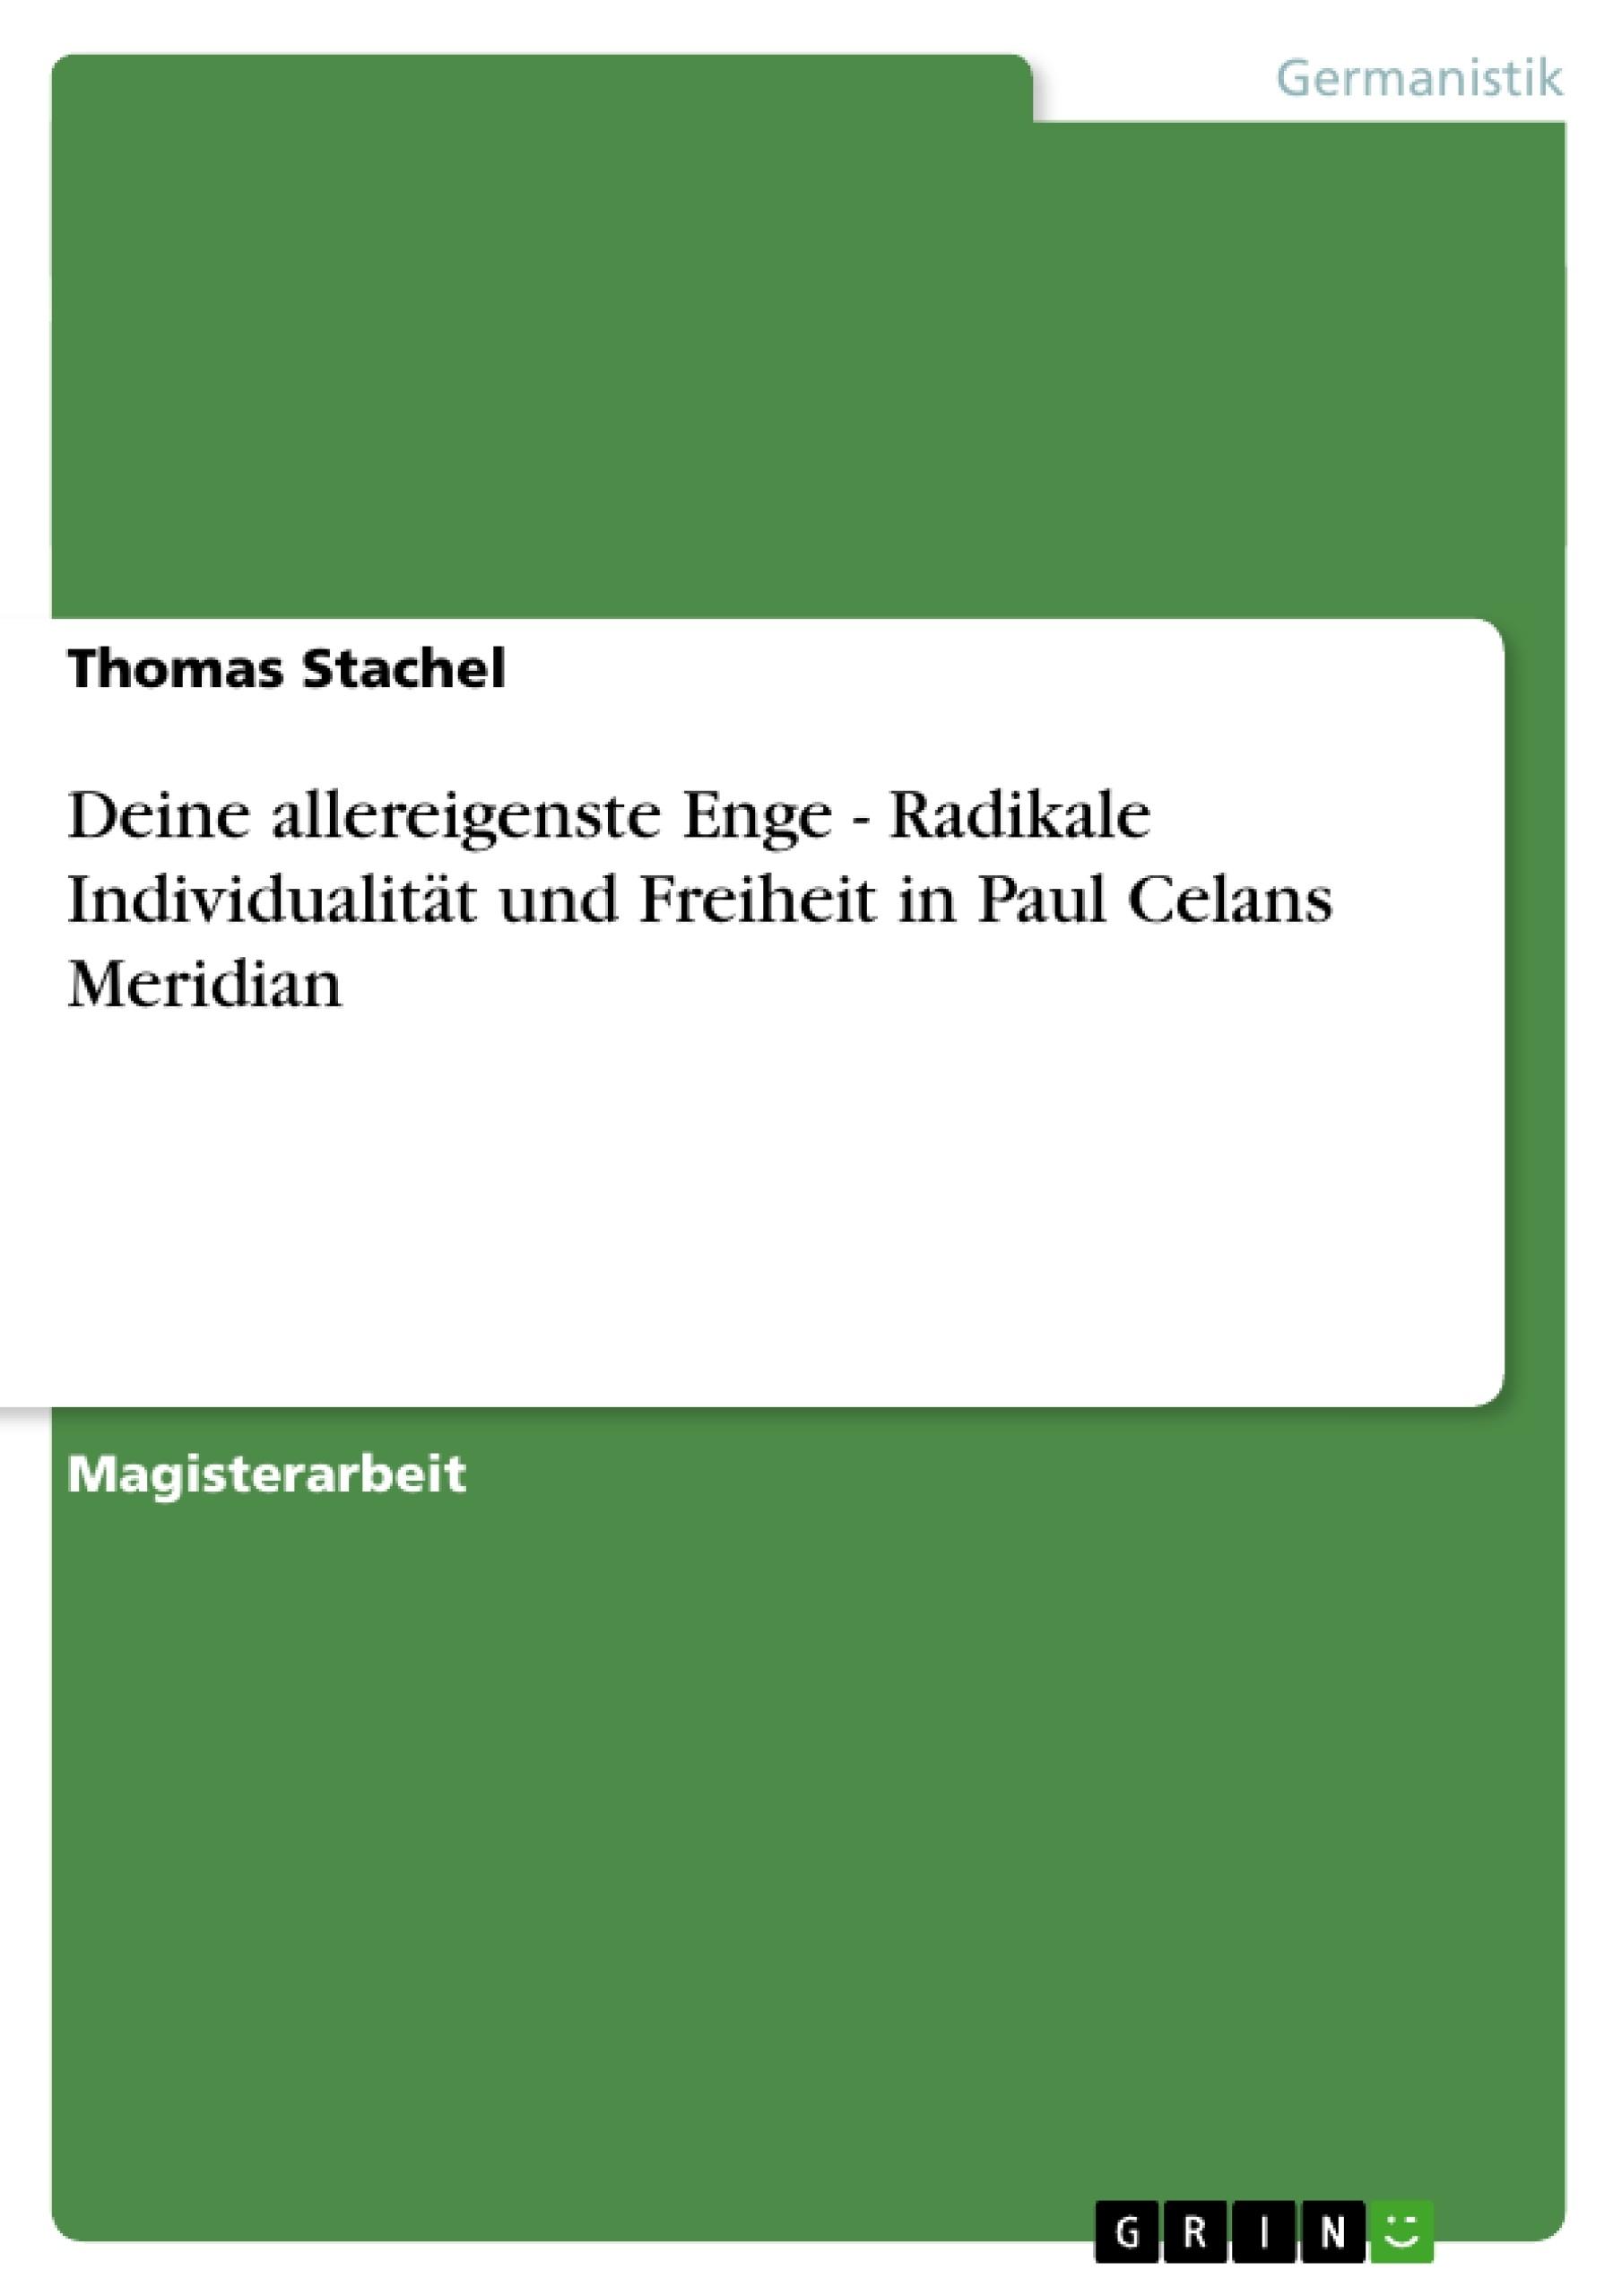 Titel: Deine allereigenste Enge - Radikale Individualität und Freiheit in Paul Celans Meridian